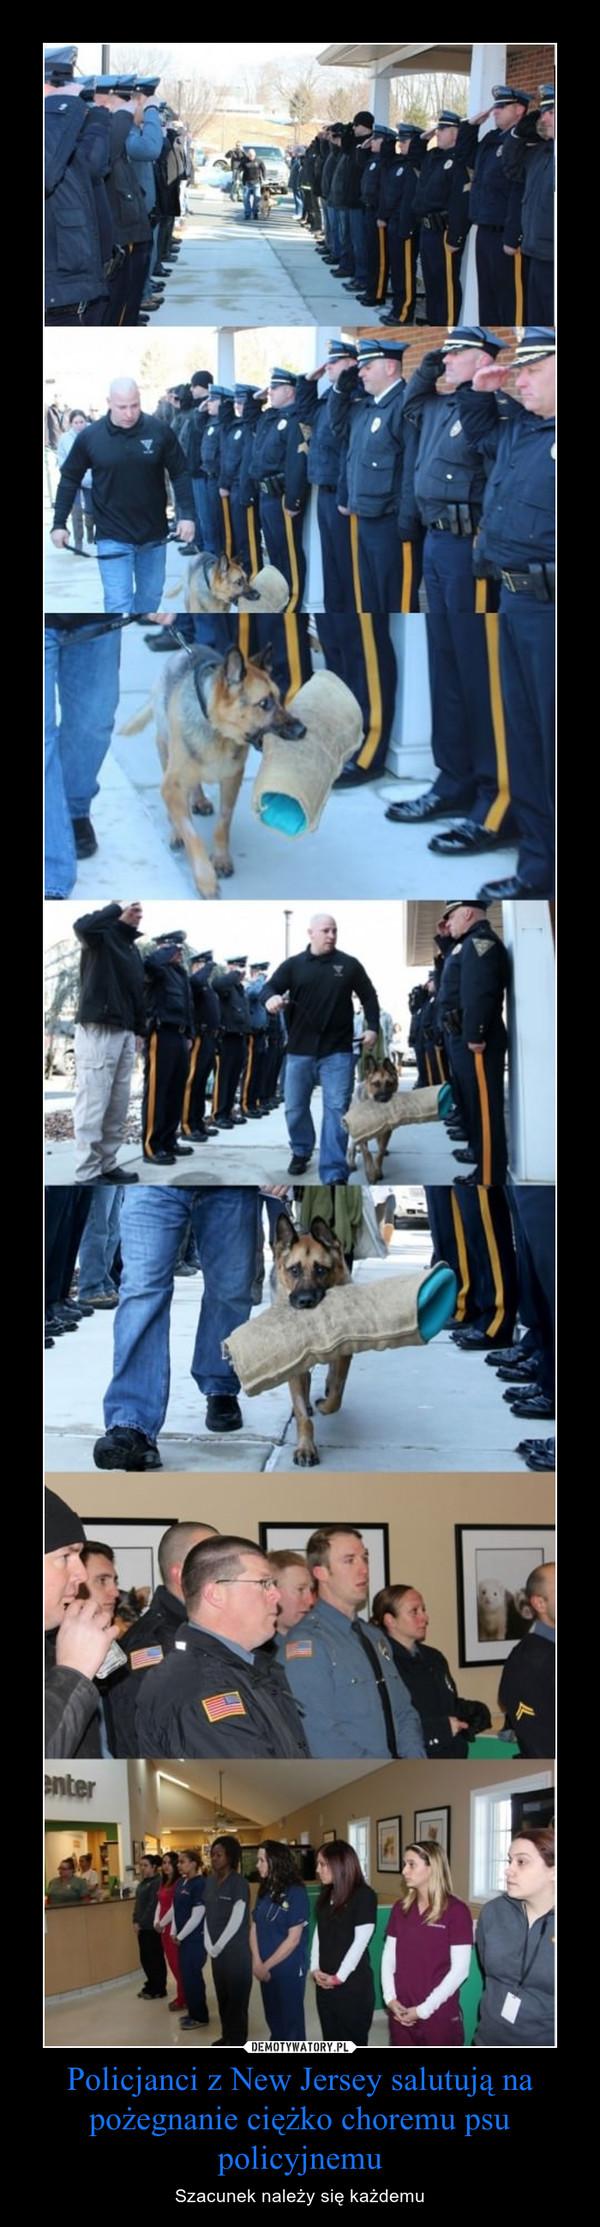 Policjanci z New Jersey salutują na pożegnanie ciężko choremu psu policyjnemu – Szacunek należy się każdemu